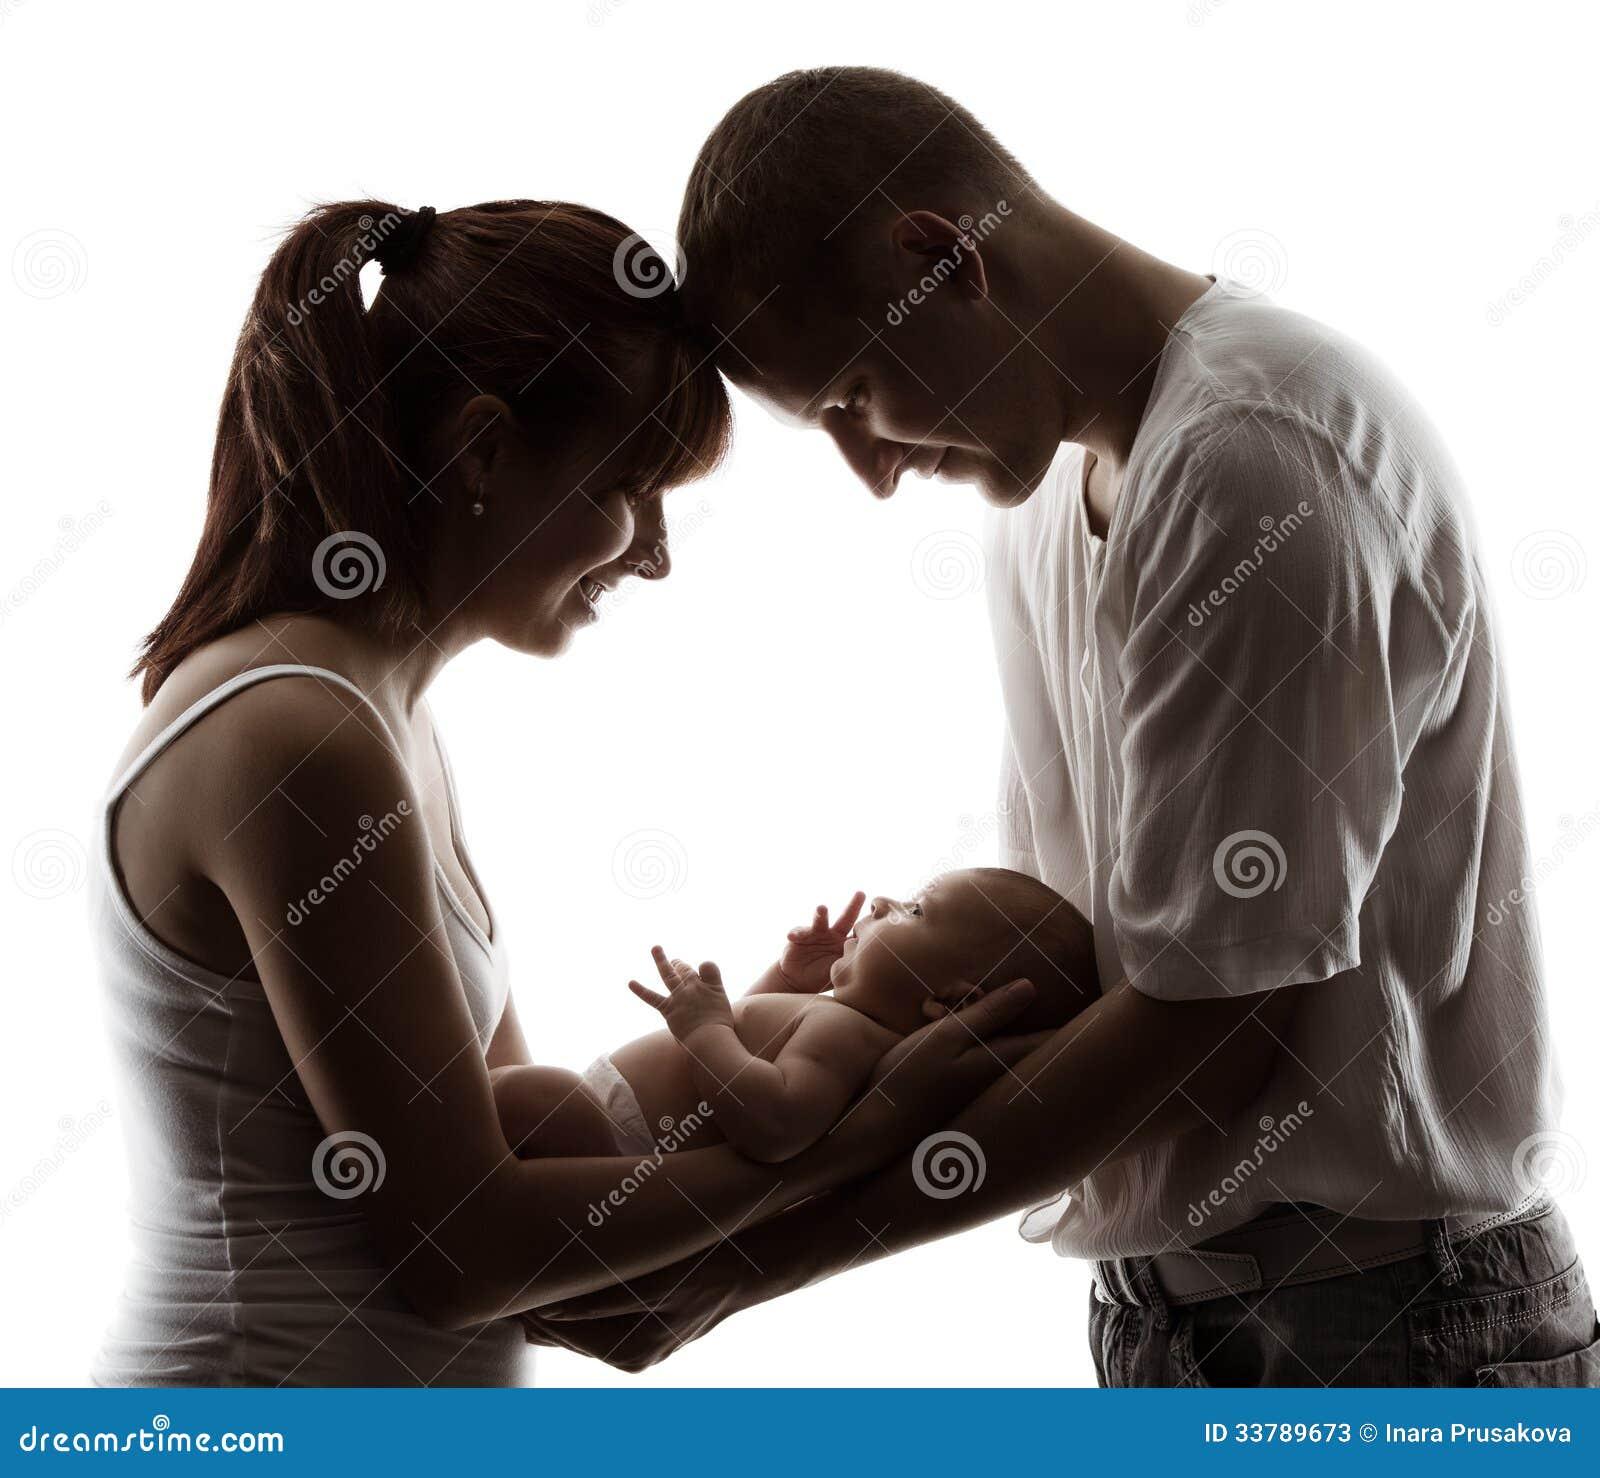 Οικογένεια με το νεογέννητο μωρό. Σκιαγραφία γονέων πέρα από το λευκό